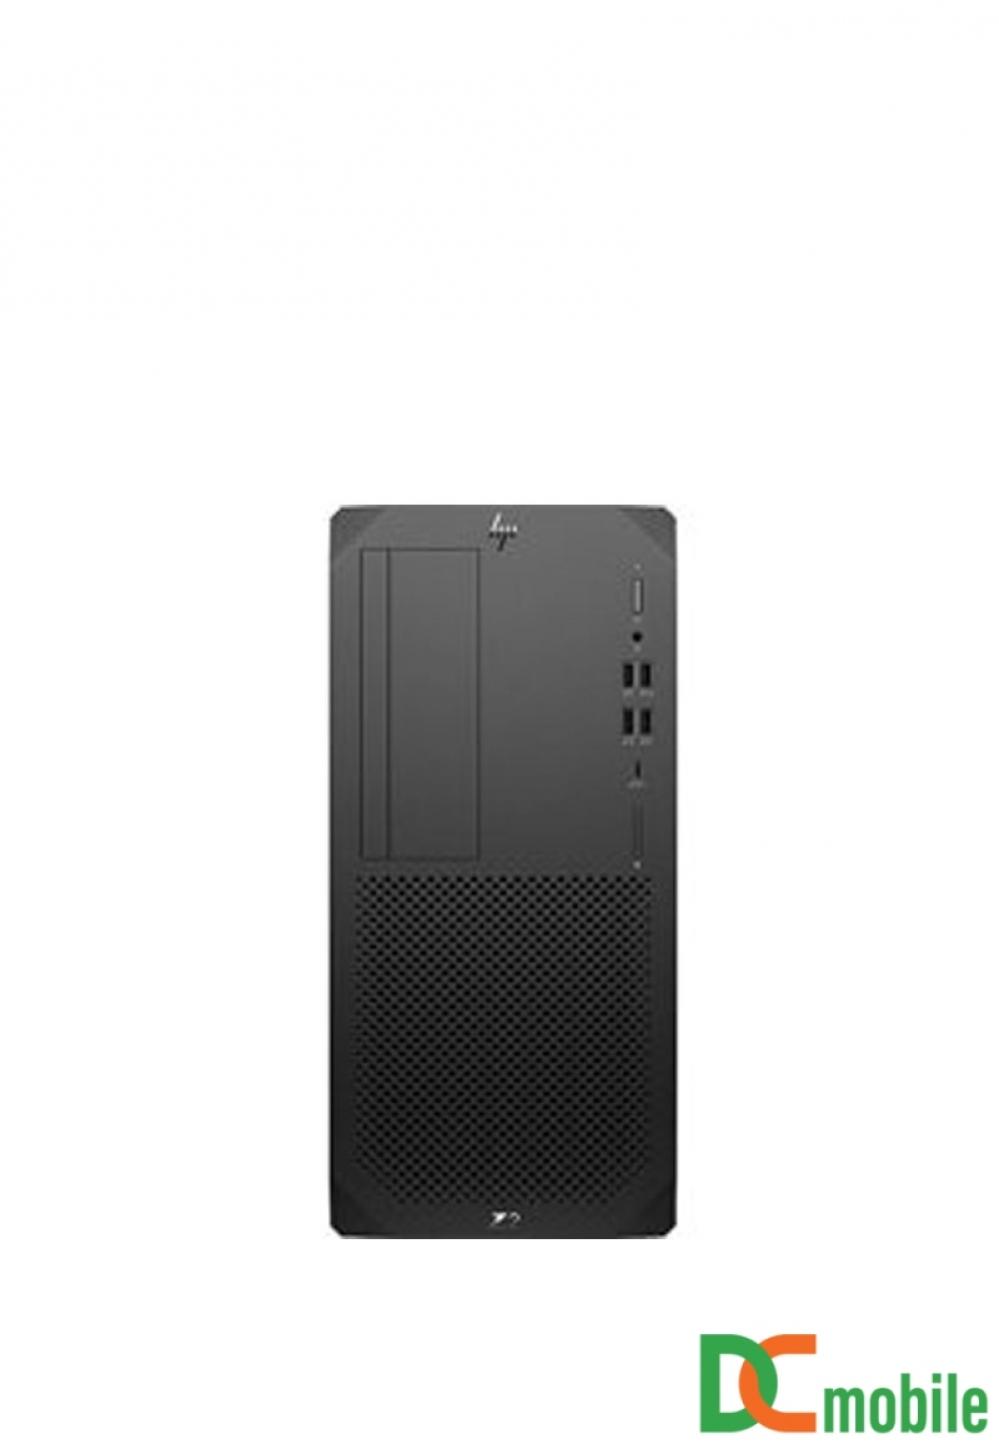 Máy tính để bàn HP Z2 Tower G5 Workstation